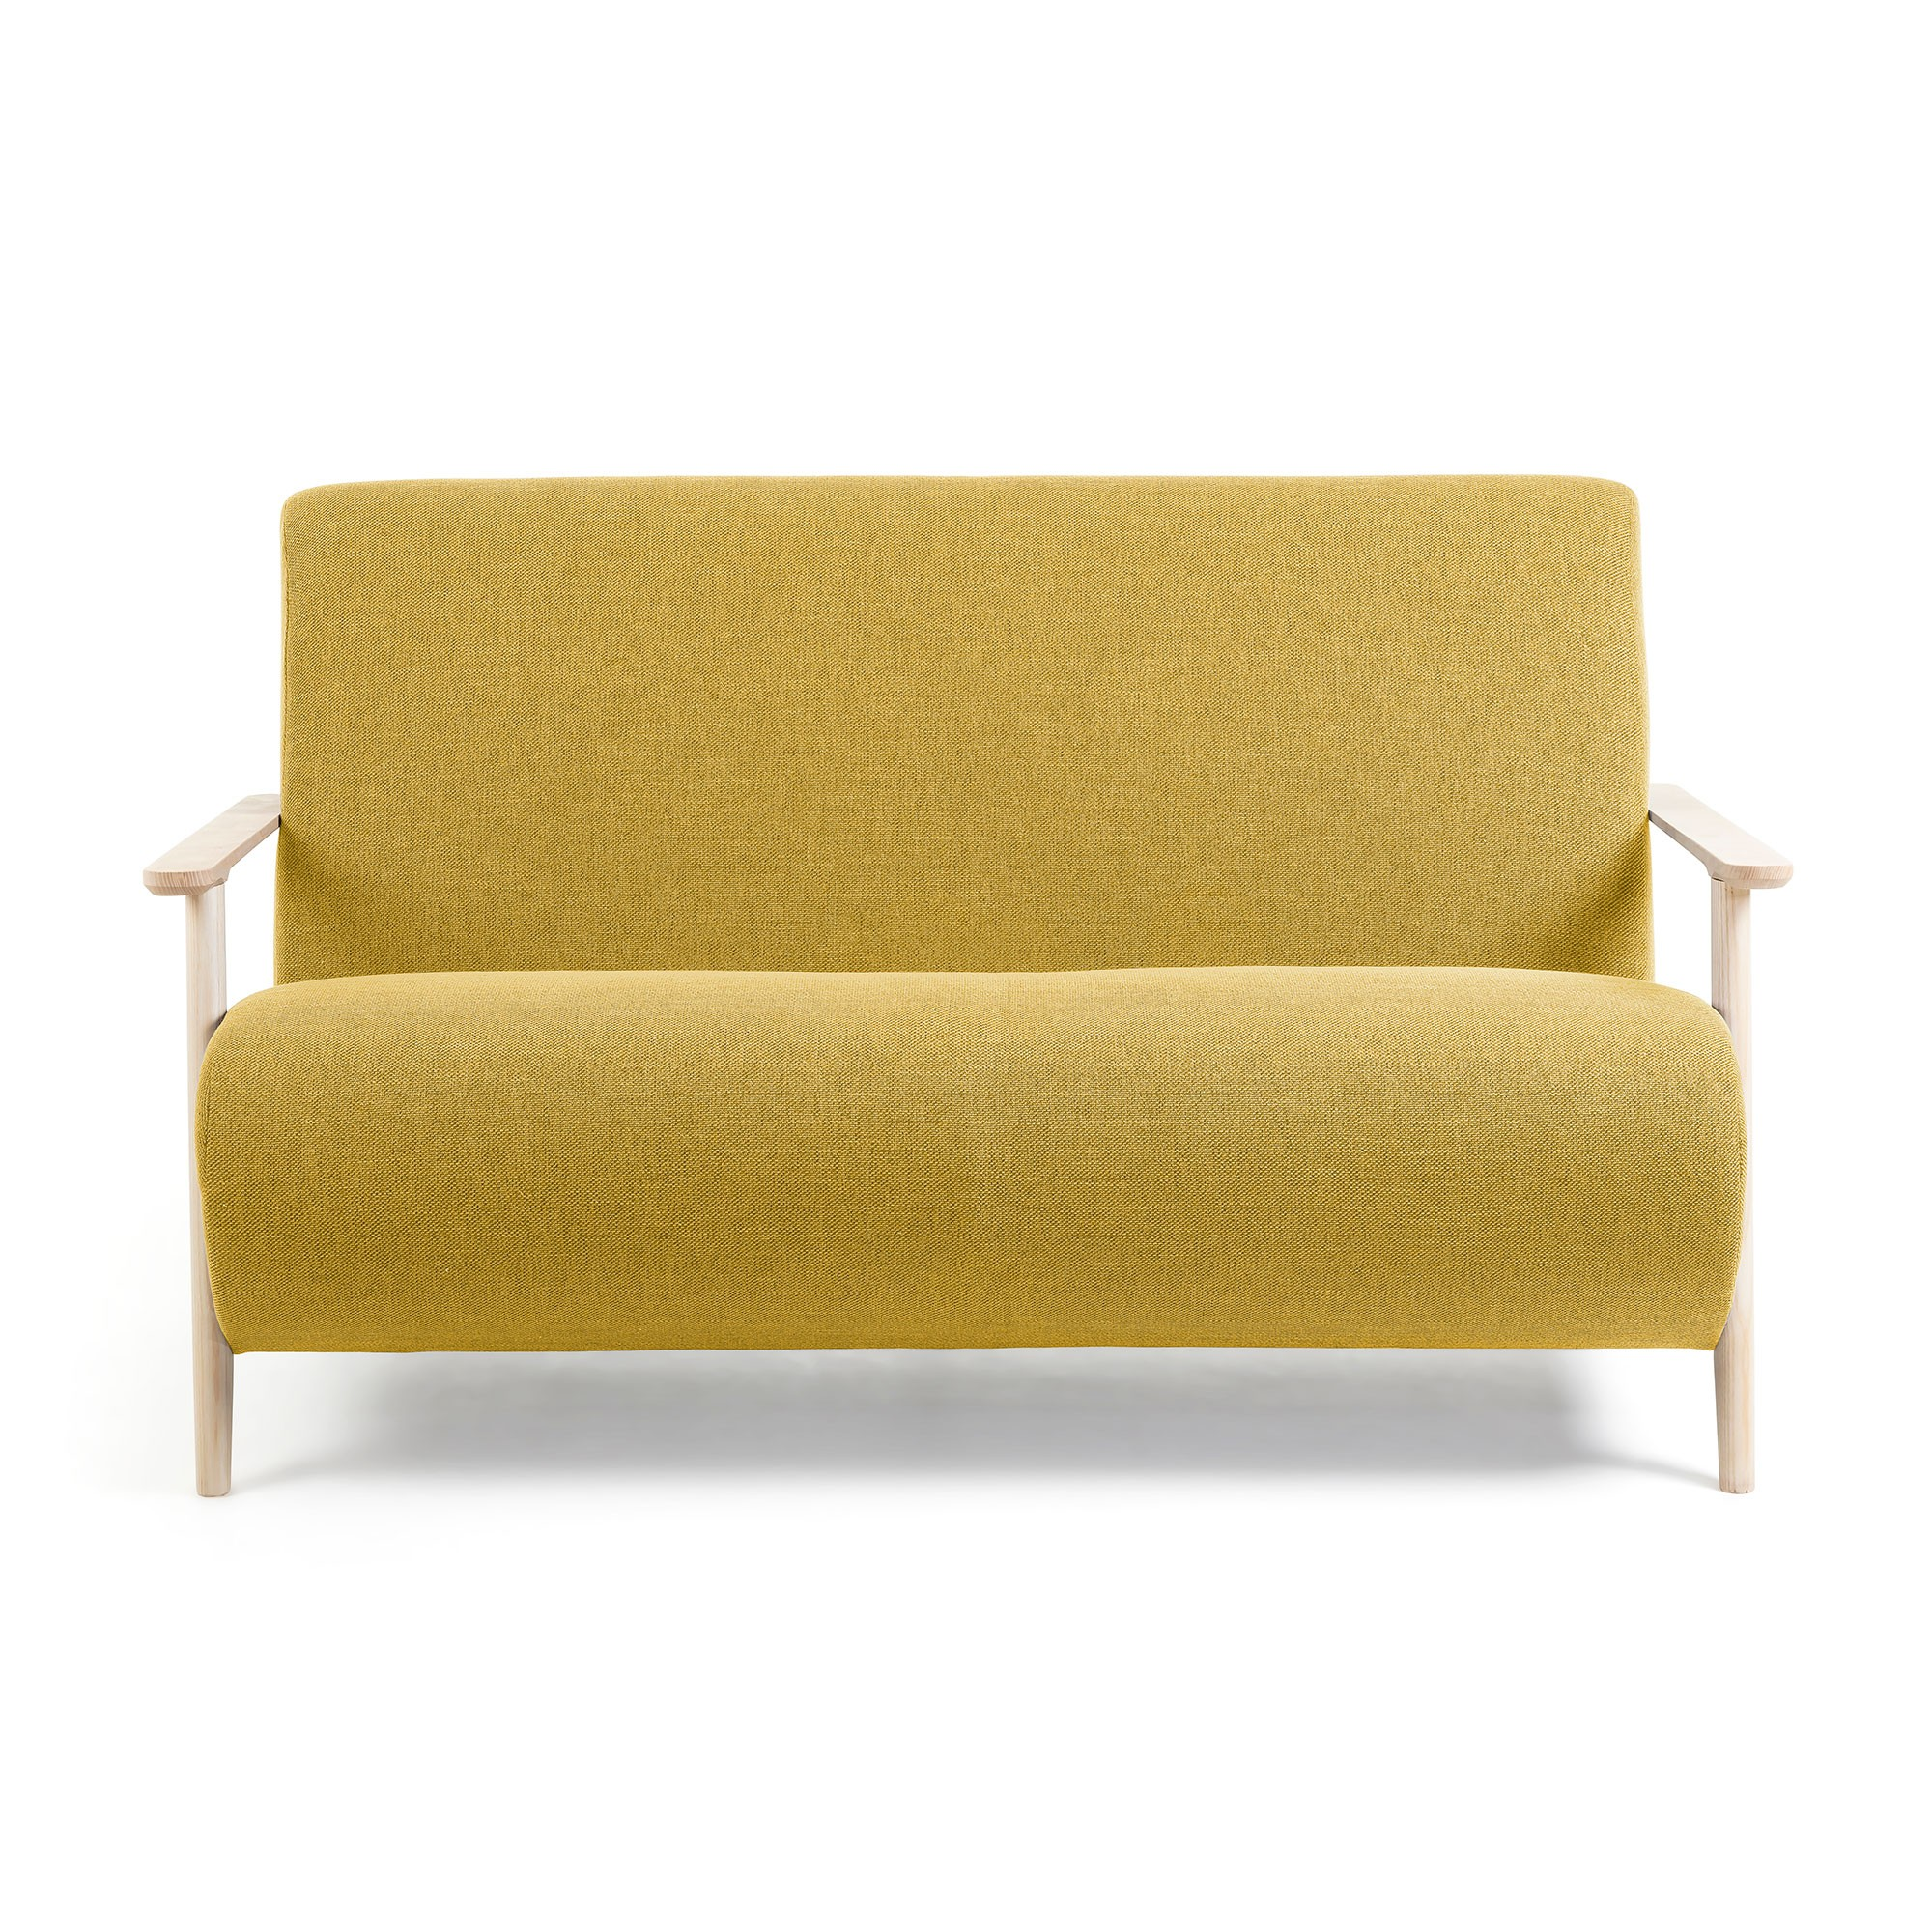 Roberta Varese Fabric Sofa, 2 Seater, Mustard / Natural